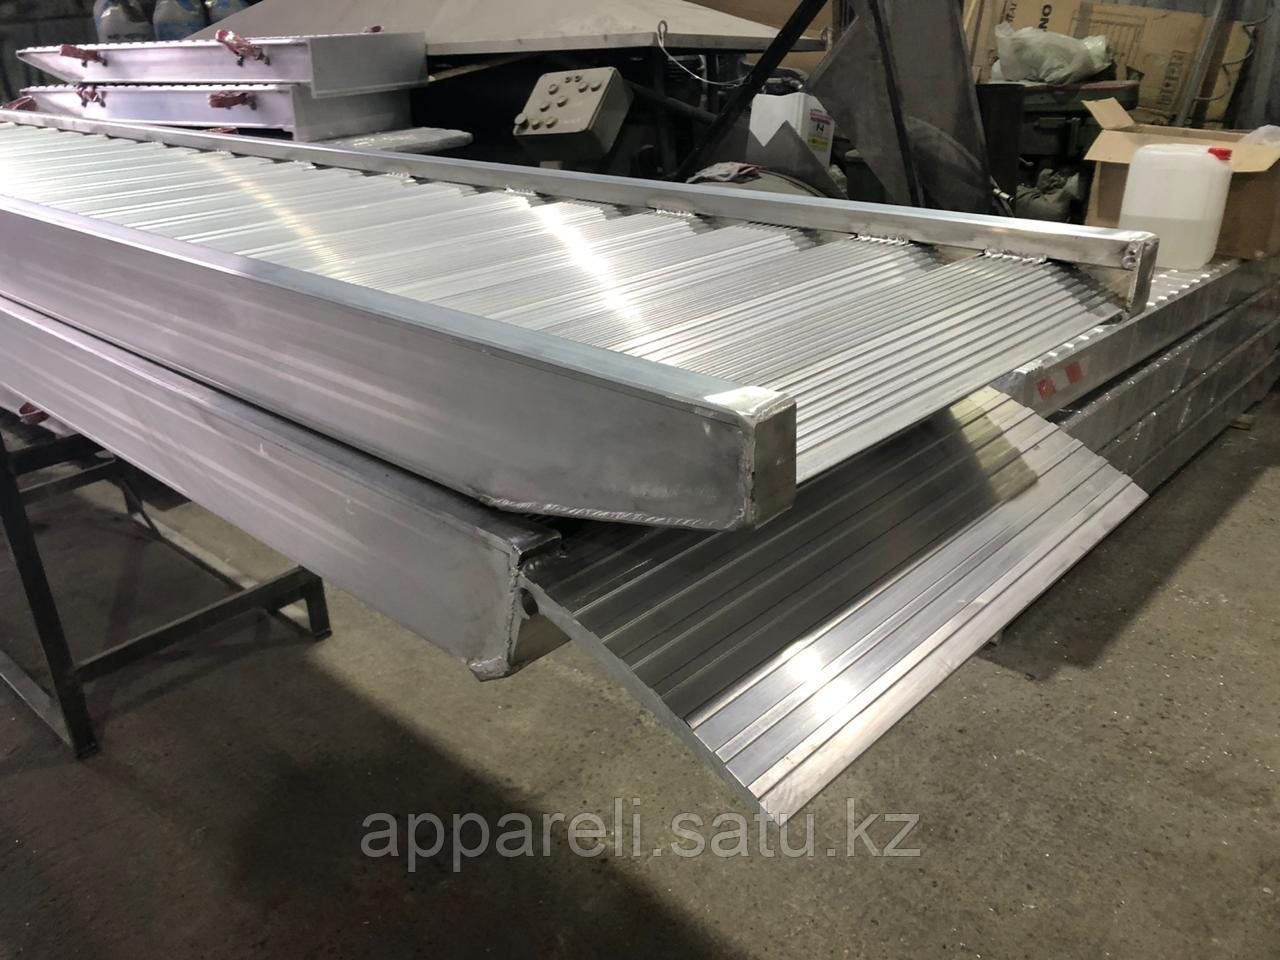 Алюминиевые сходни от производителя (трап, аппарель) 7,5 тонн